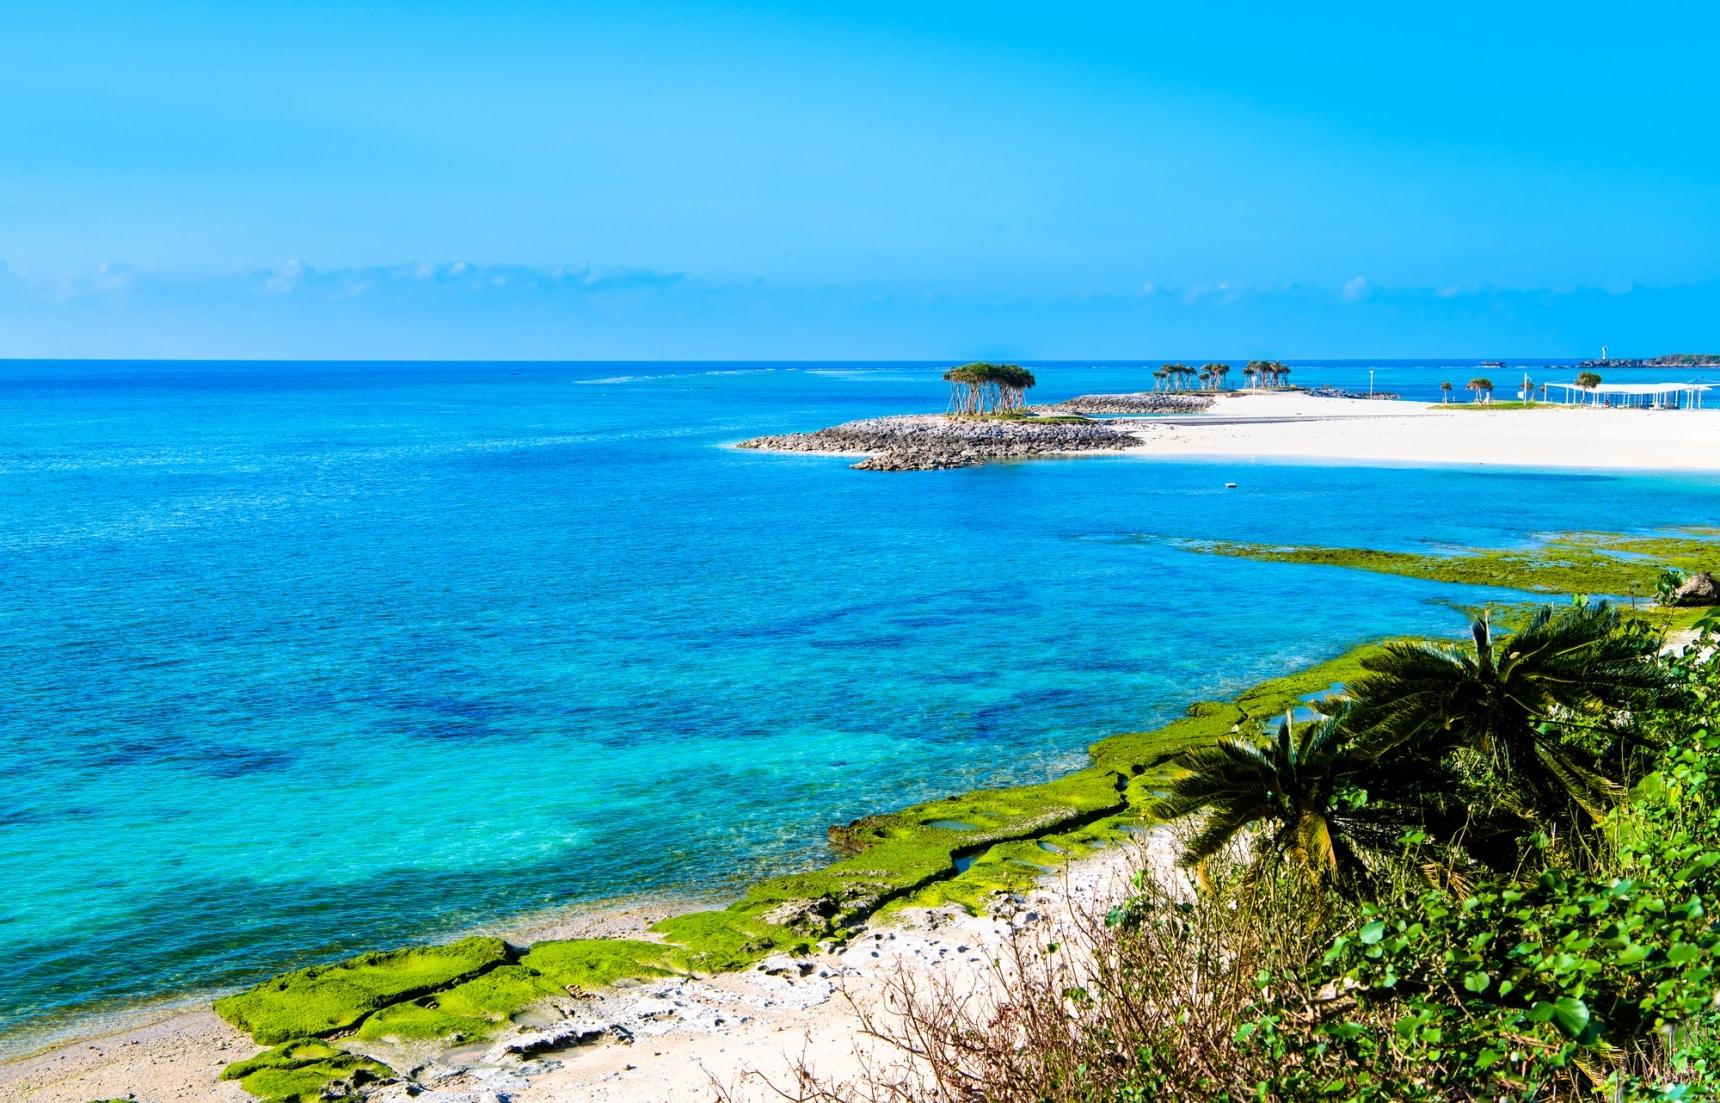 【沖繩自由行】米其林日本綠色指南榜上有名的沖繩必去5大景點